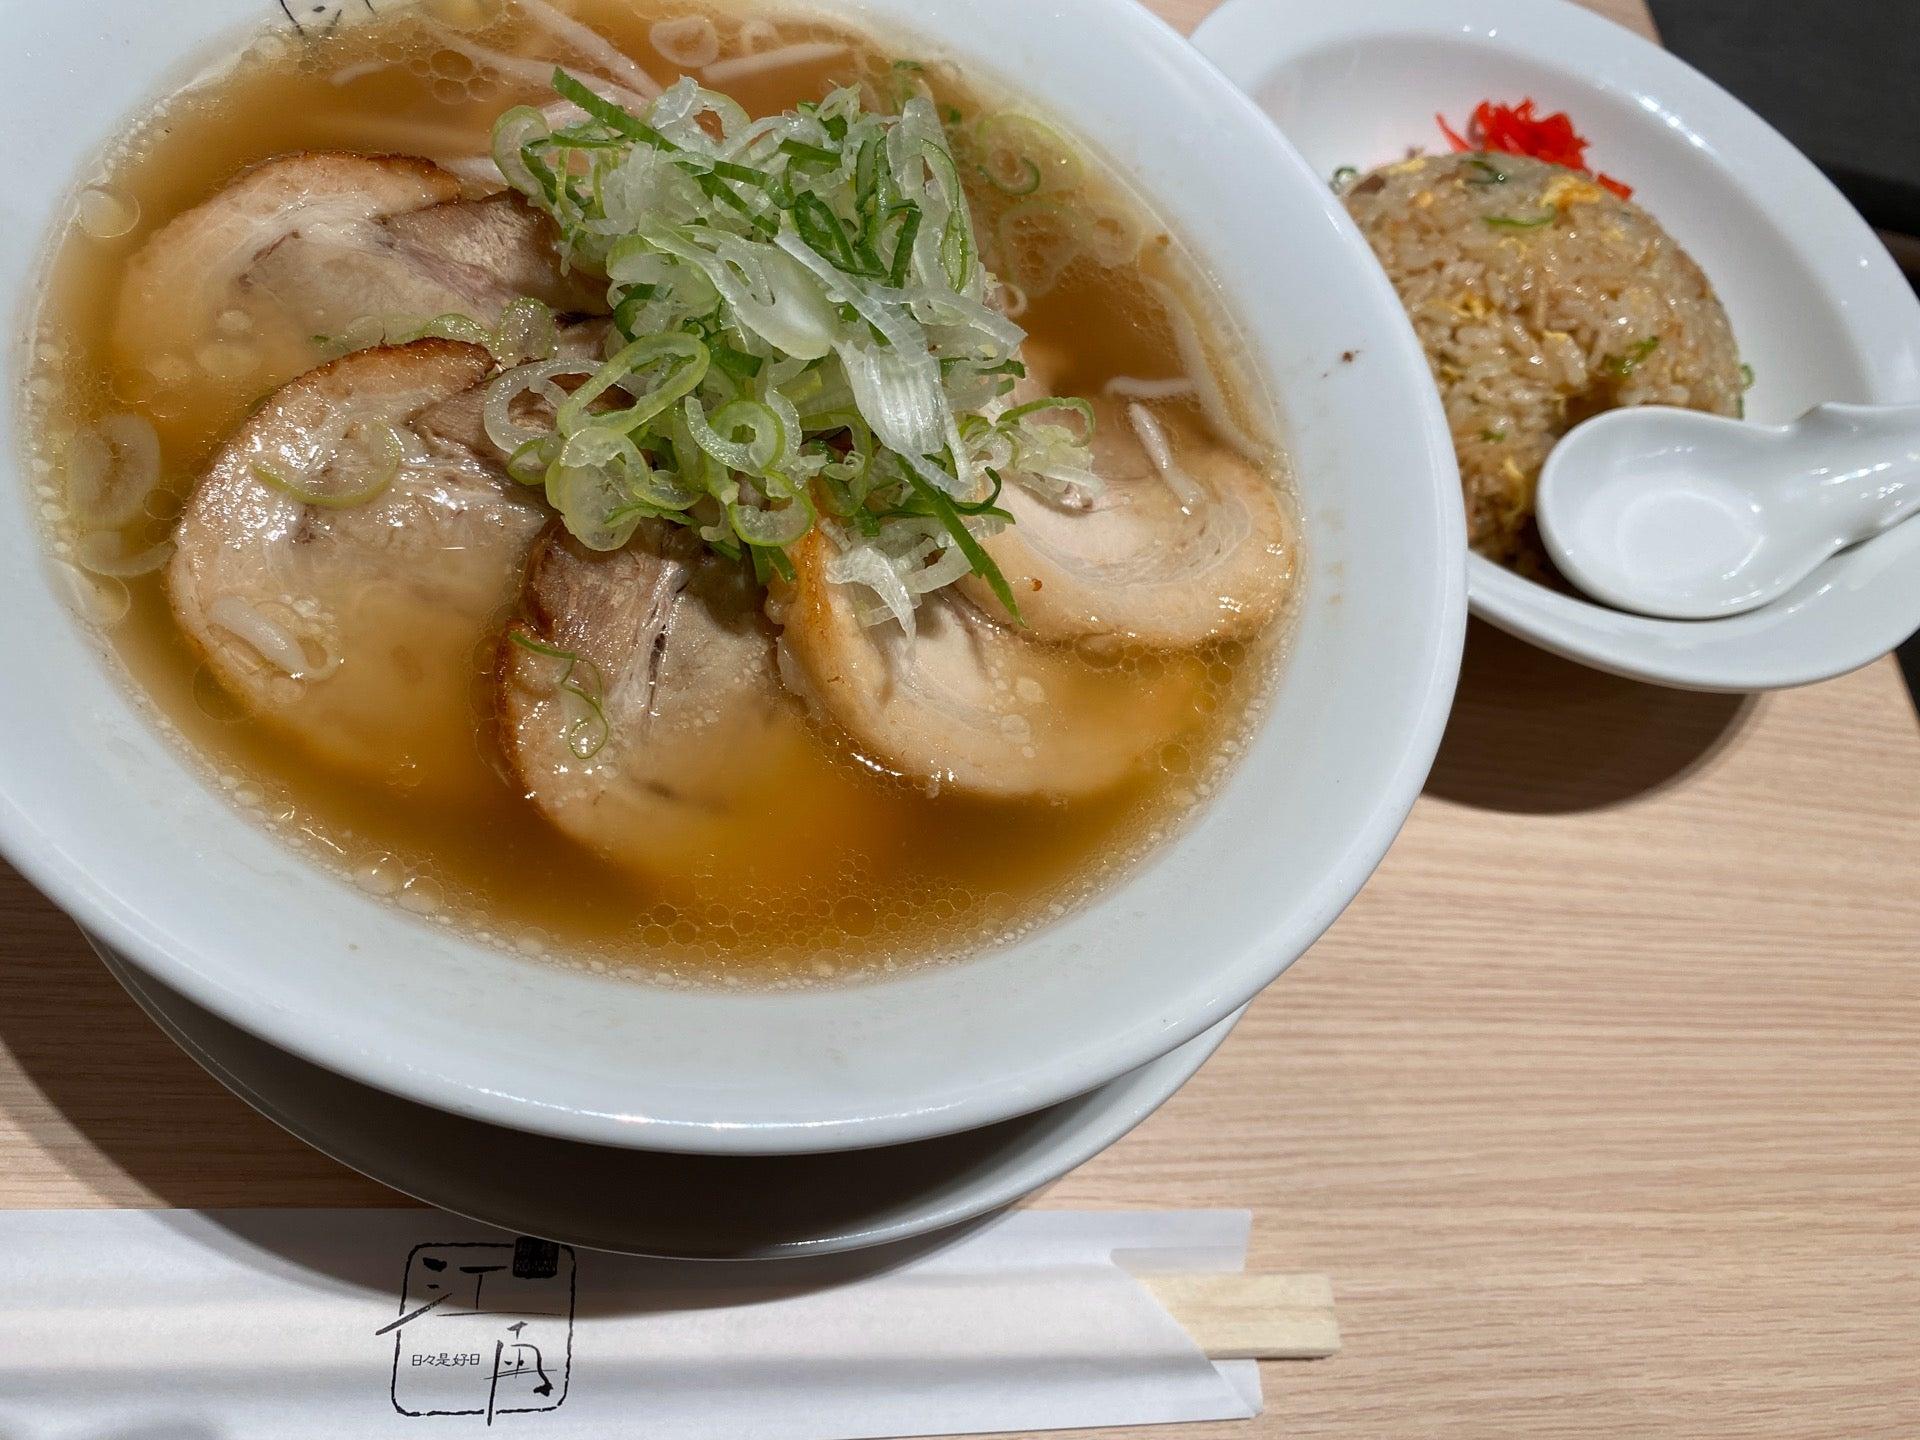 叉焼麺と炒飯 (゚д゚)ウマー (@ 江南 JRタワーズ店 in 名古屋市, 愛知県) https://t.co/hAms6kMSUO https://t.co/J5JUMjSgxz